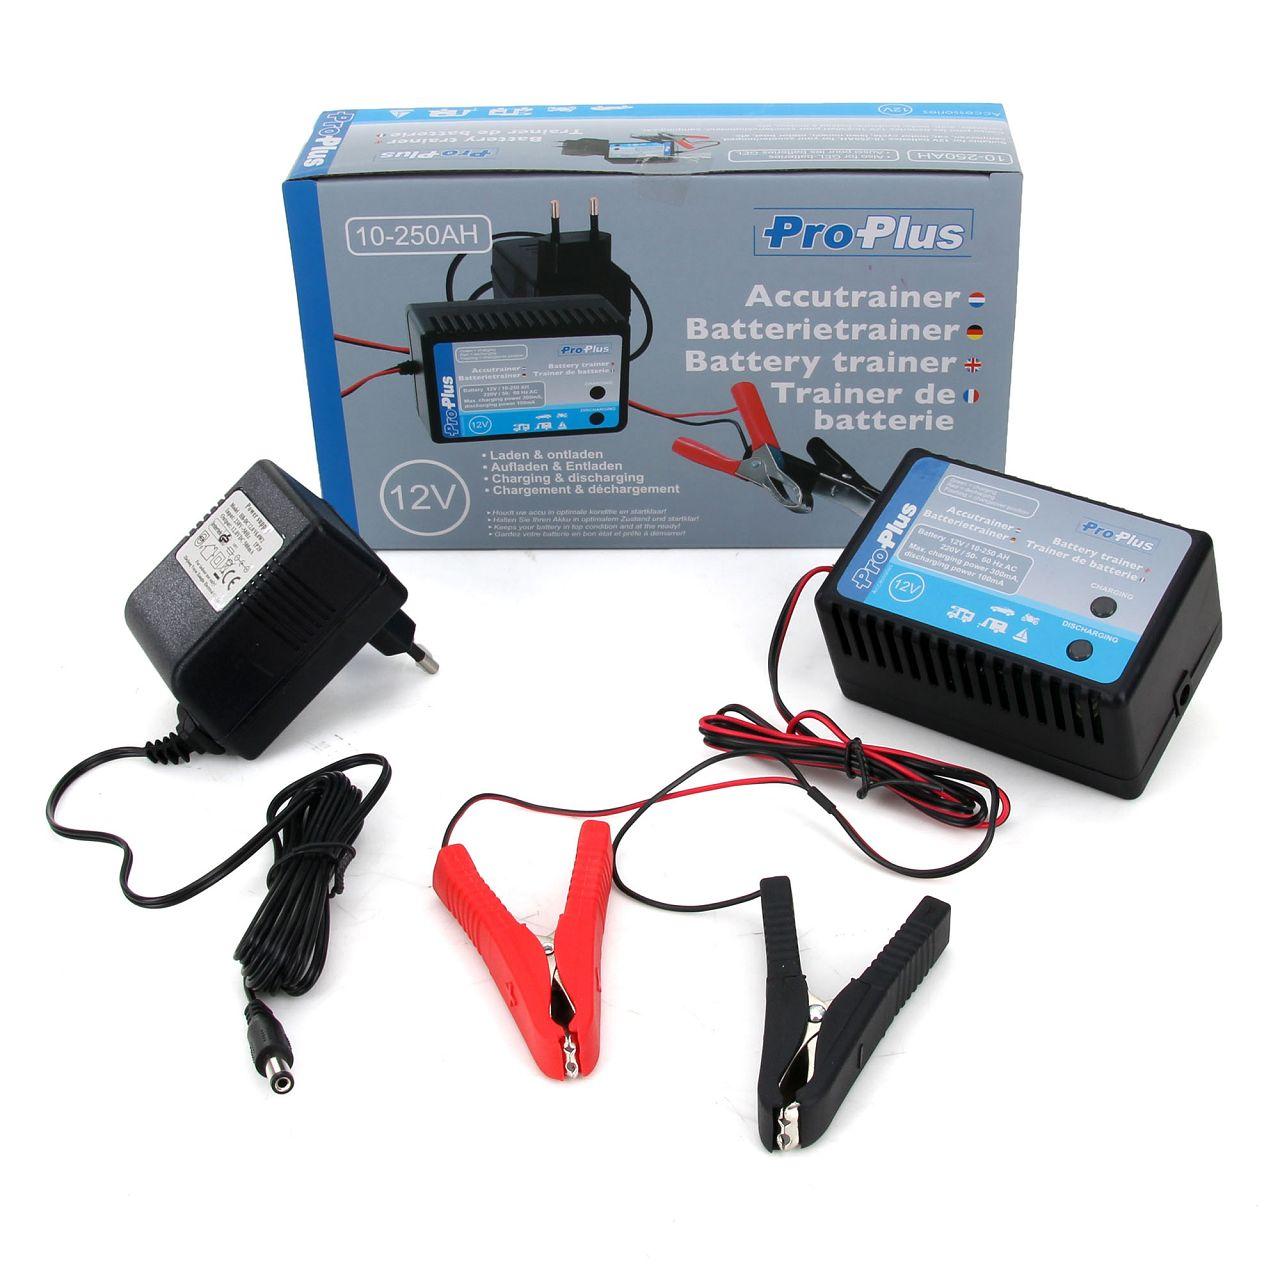 PRO PLUS Accutrainer Batterie-Trainer Ladegerät 12V 10-250AH